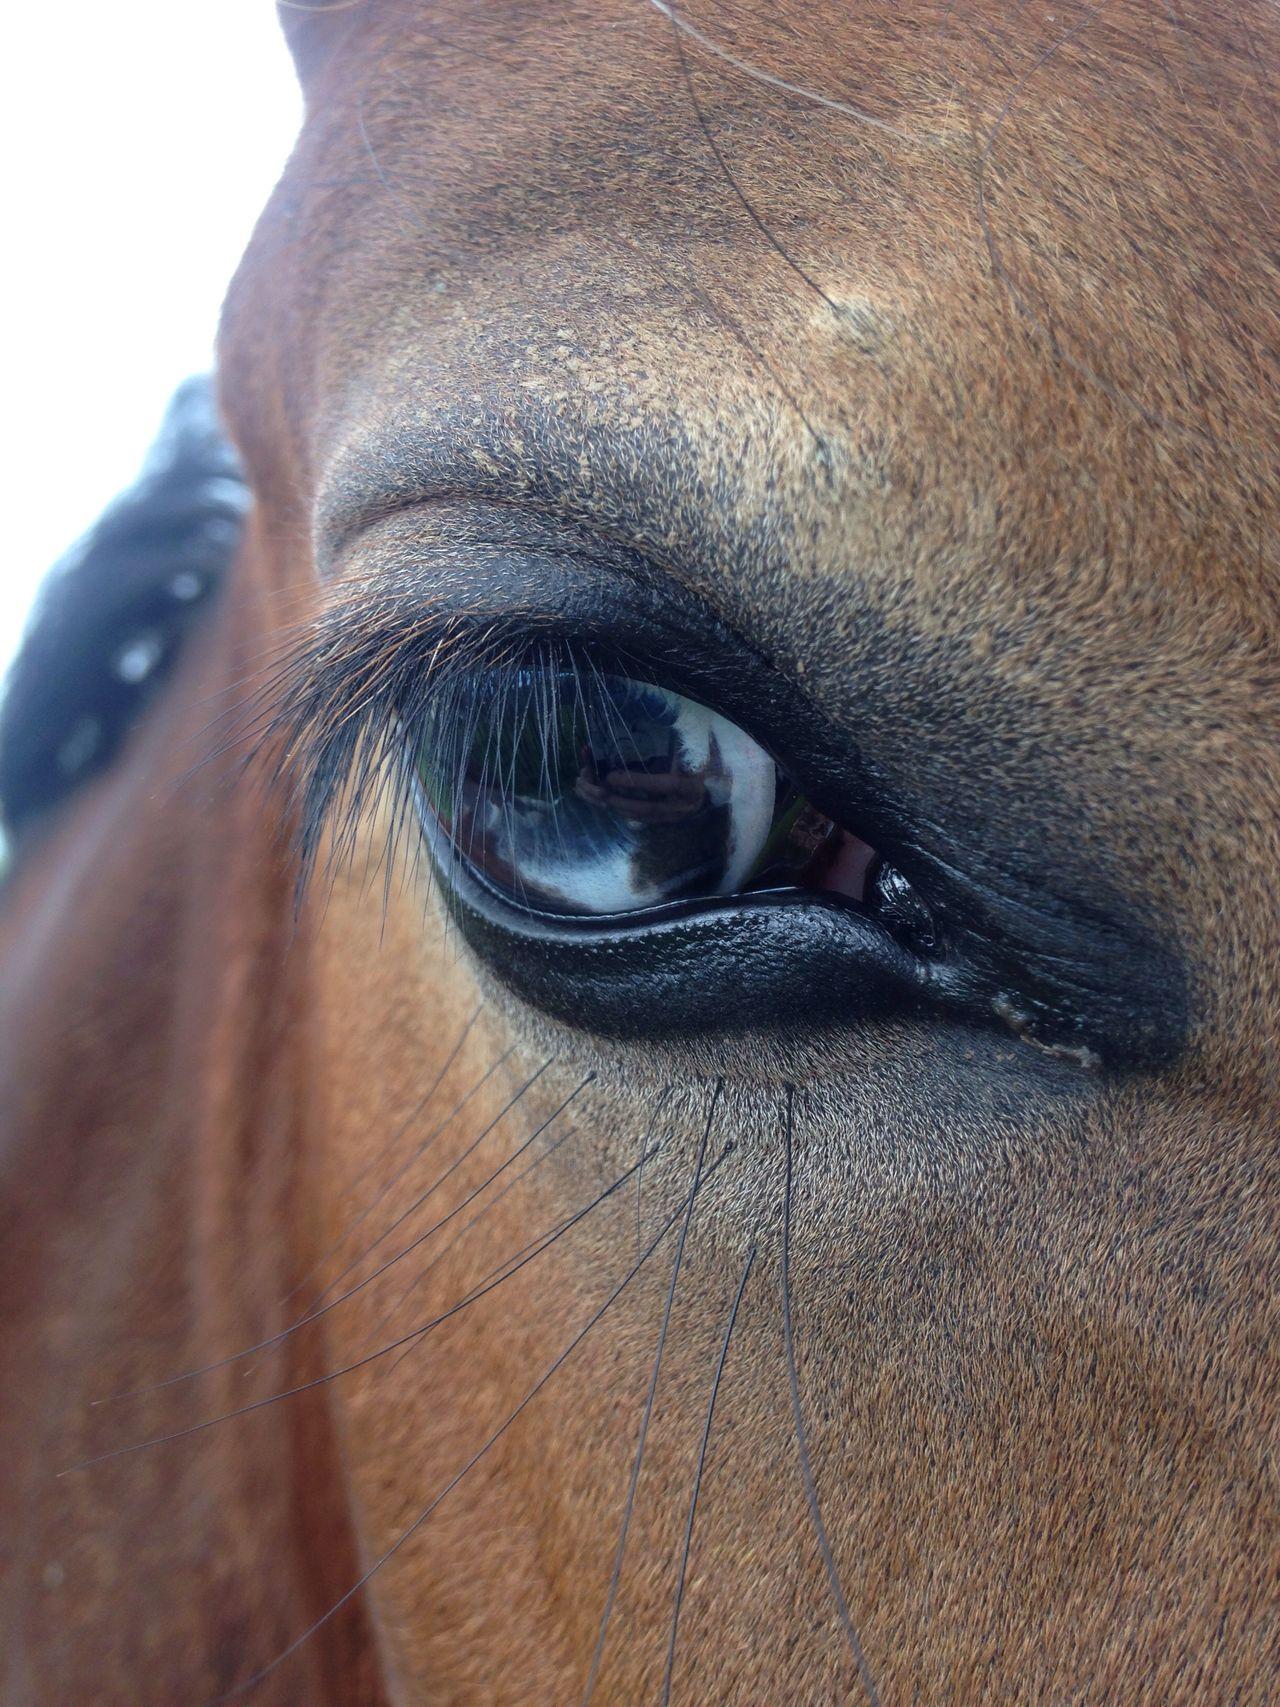 Wall eye Blue Eyes Horse Eyeshot Equine Equinephotography Equines Of Eye Em